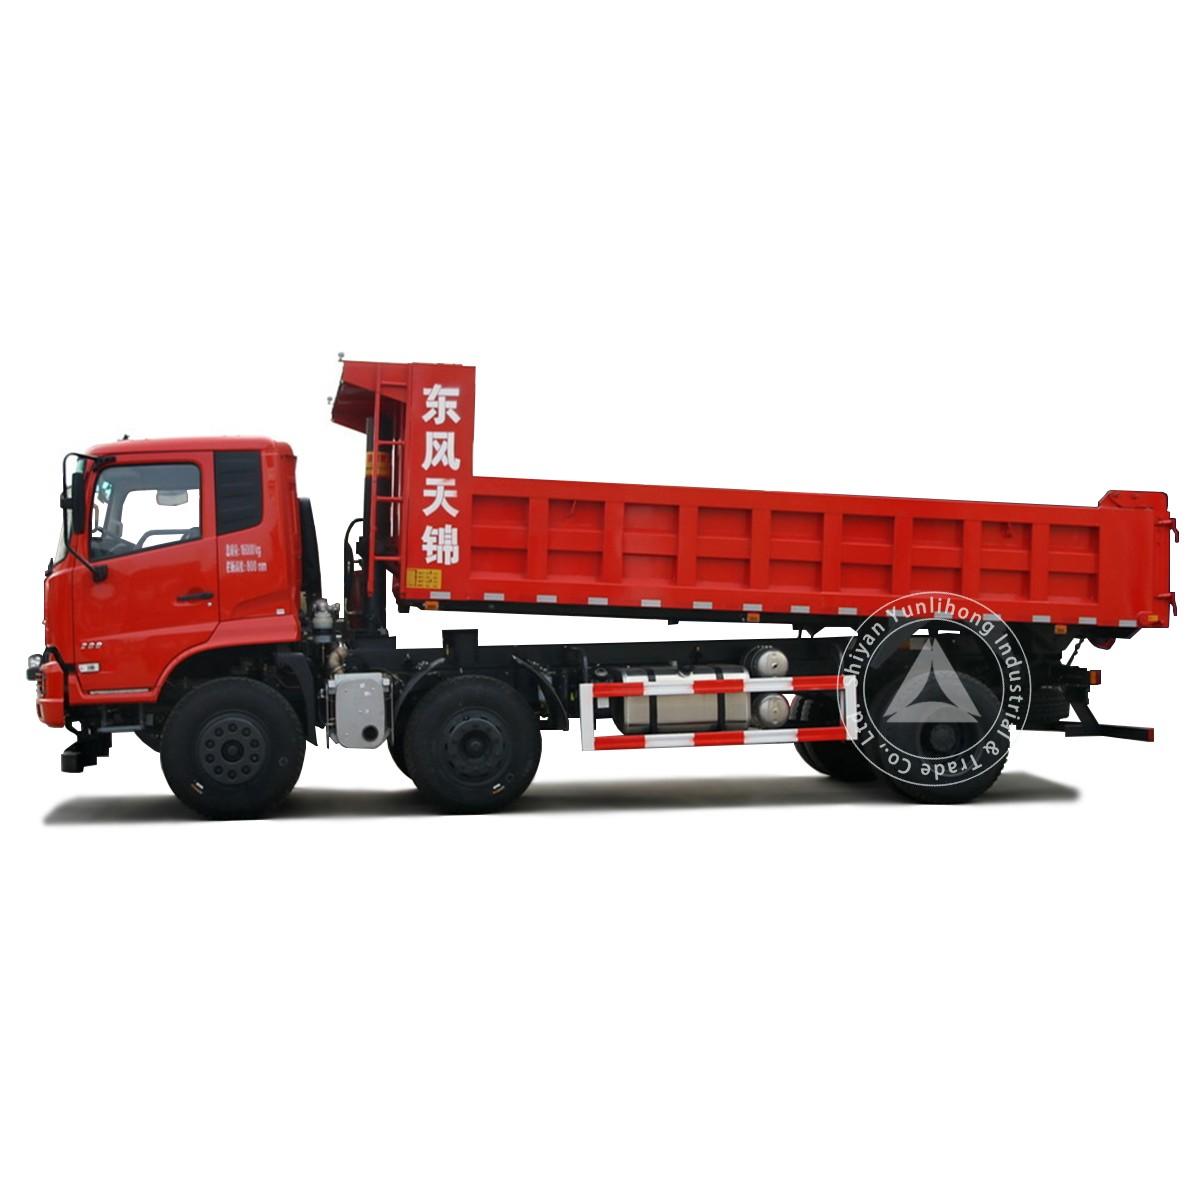 खरीदने के लिए डोंगफेंग के.आर. 6x2 270hp GVW 25 टन 18m3 से 23m3 डंप ट्रक,डोंगफेंग के.आर. 6x2 270hp GVW 25 टन 18m3 से 23m3 डंप ट्रक दाम,डोंगफेंग के.आर. 6x2 270hp GVW 25 टन 18m3 से 23m3 डंप ट्रक ब्रांड,डोंगफेंग के.आर. 6x2 270hp GVW 25 टन 18m3 से 23m3 डंप ट्रक मैन्युफैक्चरर्स,डोंगफेंग के.आर. 6x2 270hp GVW 25 टन 18m3 से 23m3 डंप ट्रक उद्धृत मूल्य,डोंगफेंग के.आर. 6x2 270hp GVW 25 टन 18m3 से 23m3 डंप ट्रक कंपनी,